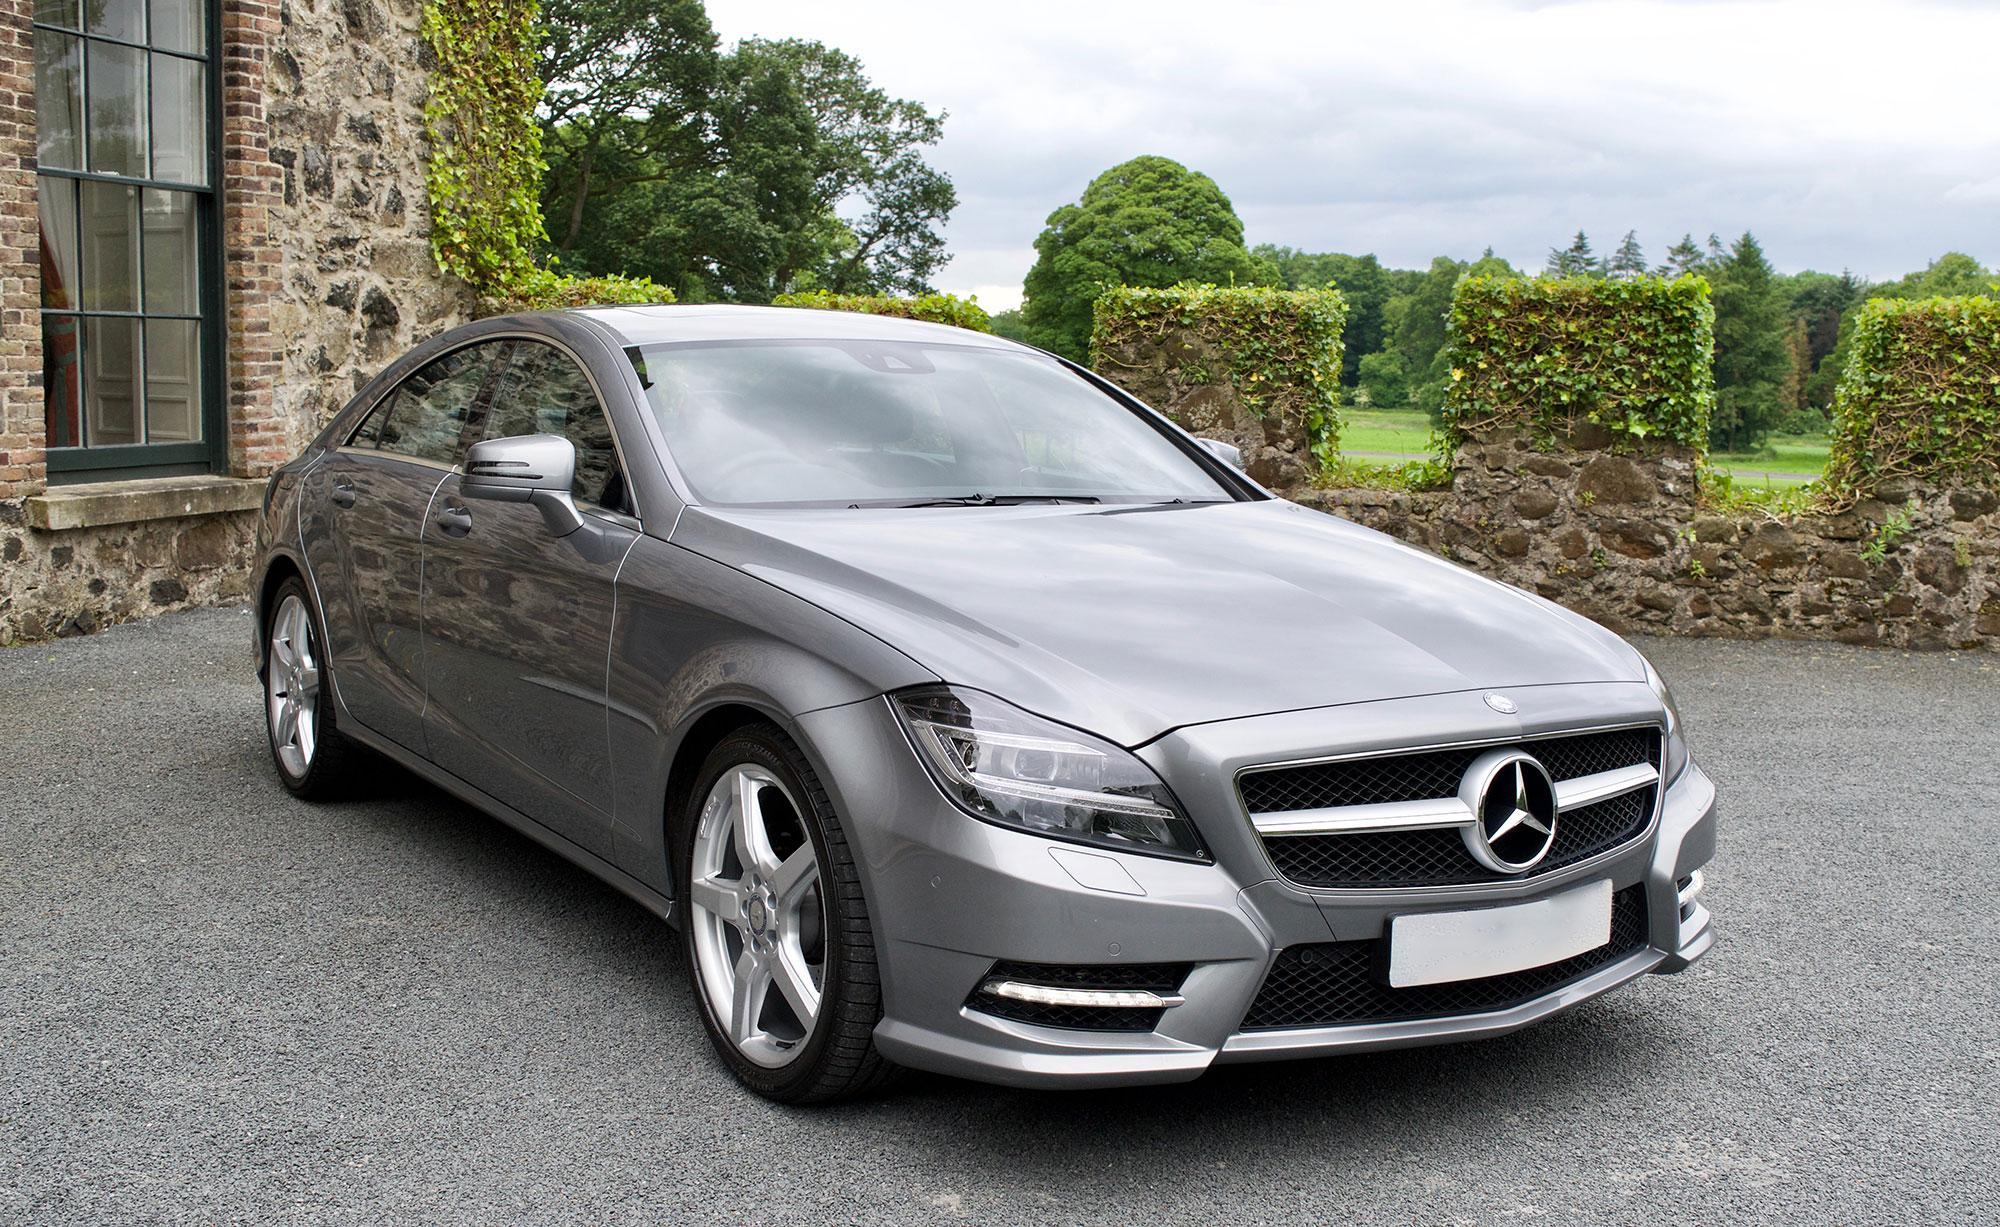 2014 Mercedes CLS 250 CDI